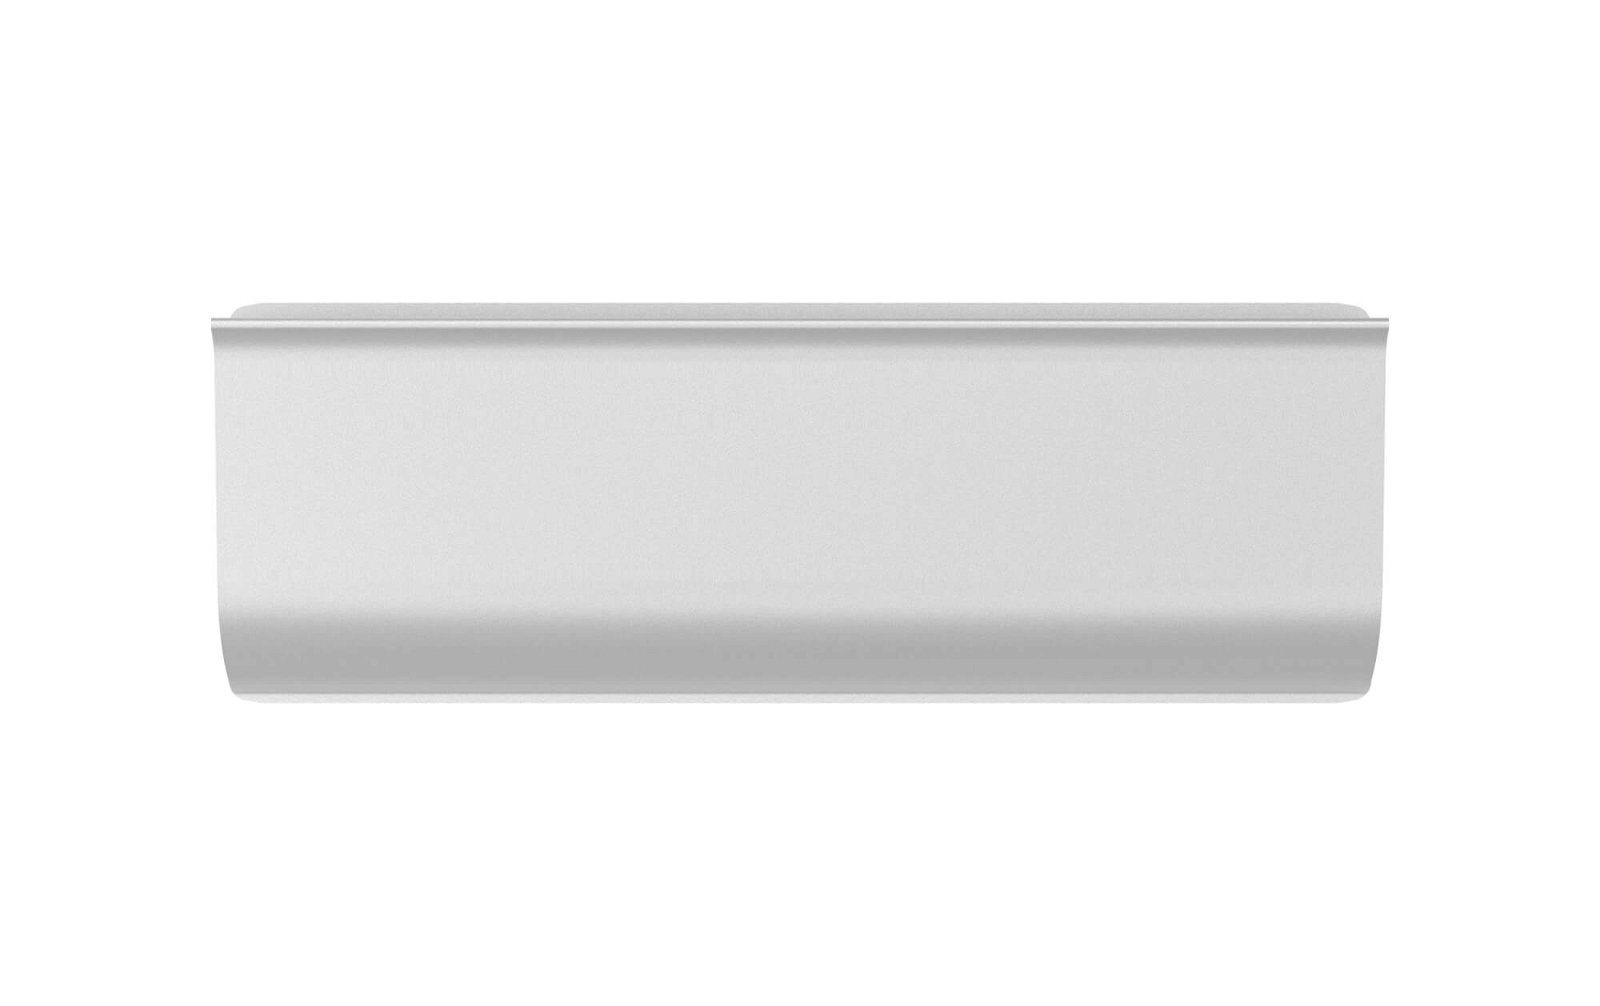 Klemmleiste Aluminium, Länge 11,3 cm, aluminium